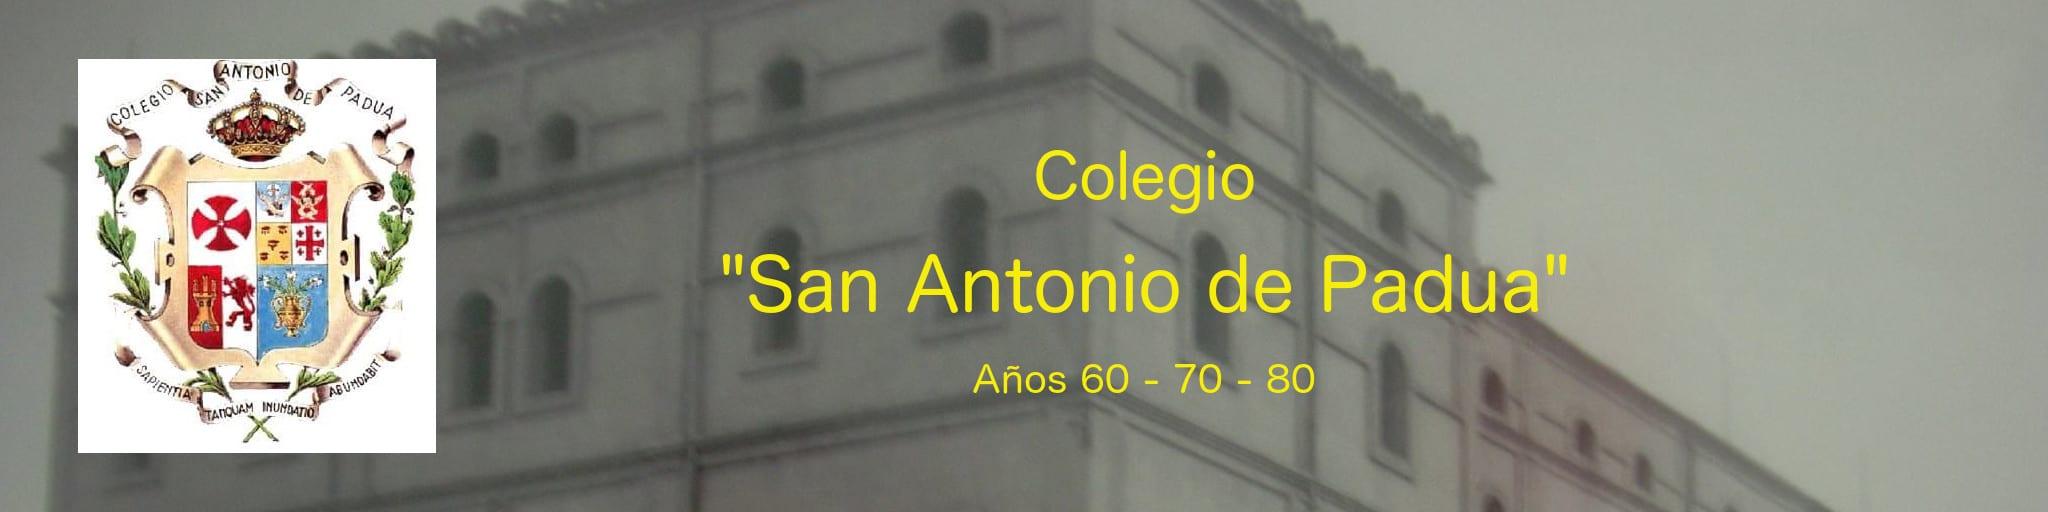 Colegio San Antonio de Padua en Caceres